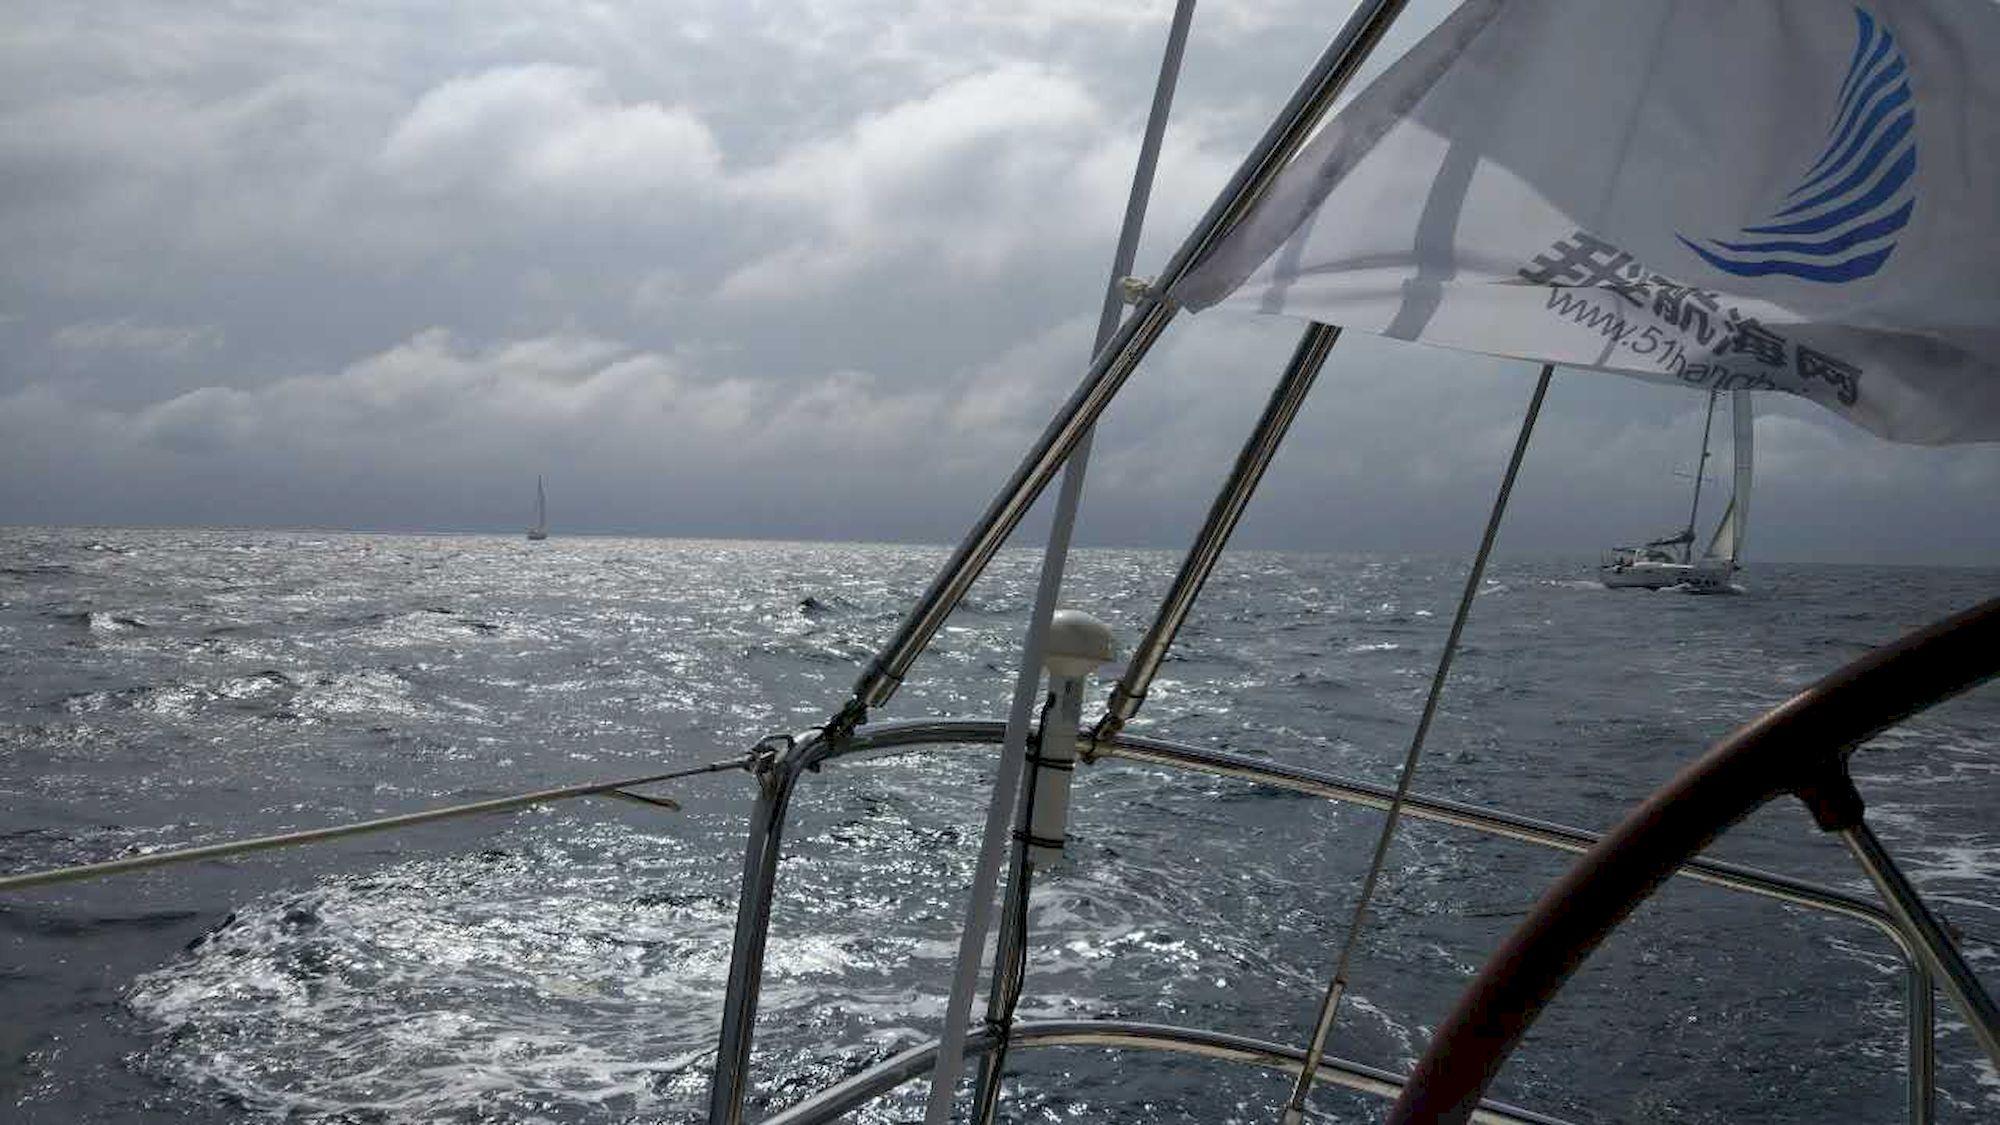 030-IMG_3564_千帆俱乐部我要航海网帆船队-2016威海-仁川国际帆船赛.JPG